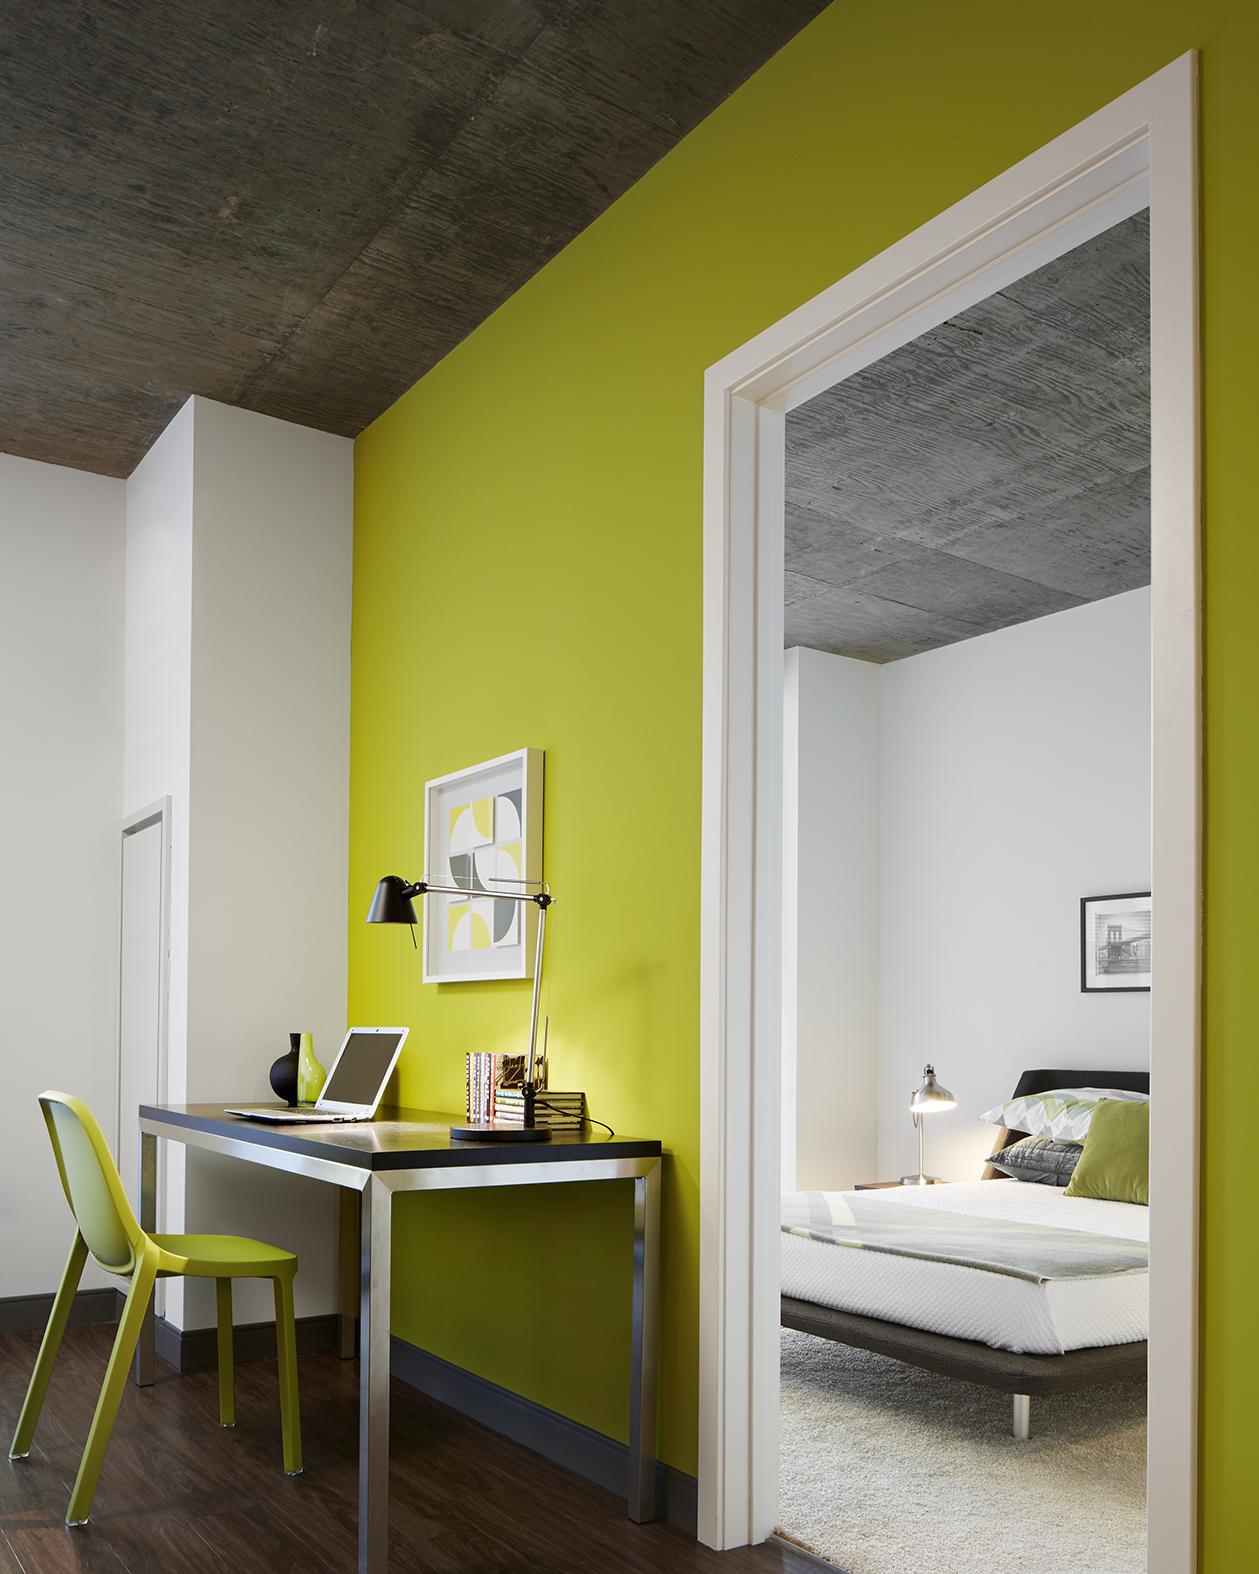 Stunning Salle De Bain Vert Lime Ideas - House Design - marcomilone.com